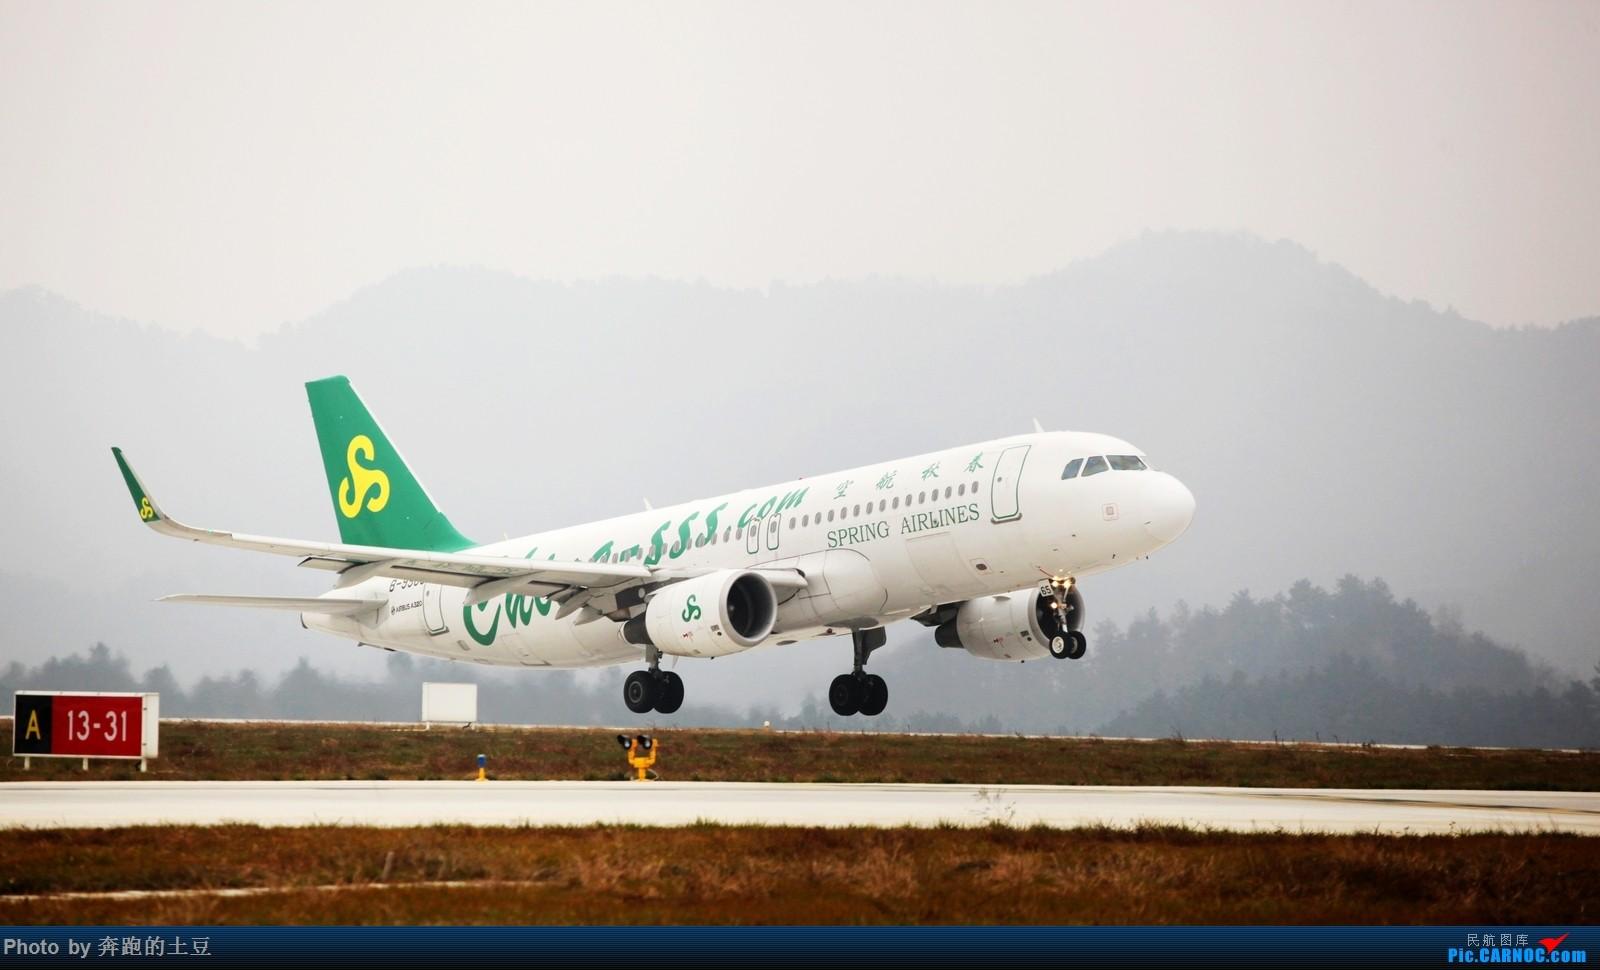 Re:[原创]十堰武当山机场小试牛刀 AIRBUS A320-200 B-9965 中国十堰武当山机场